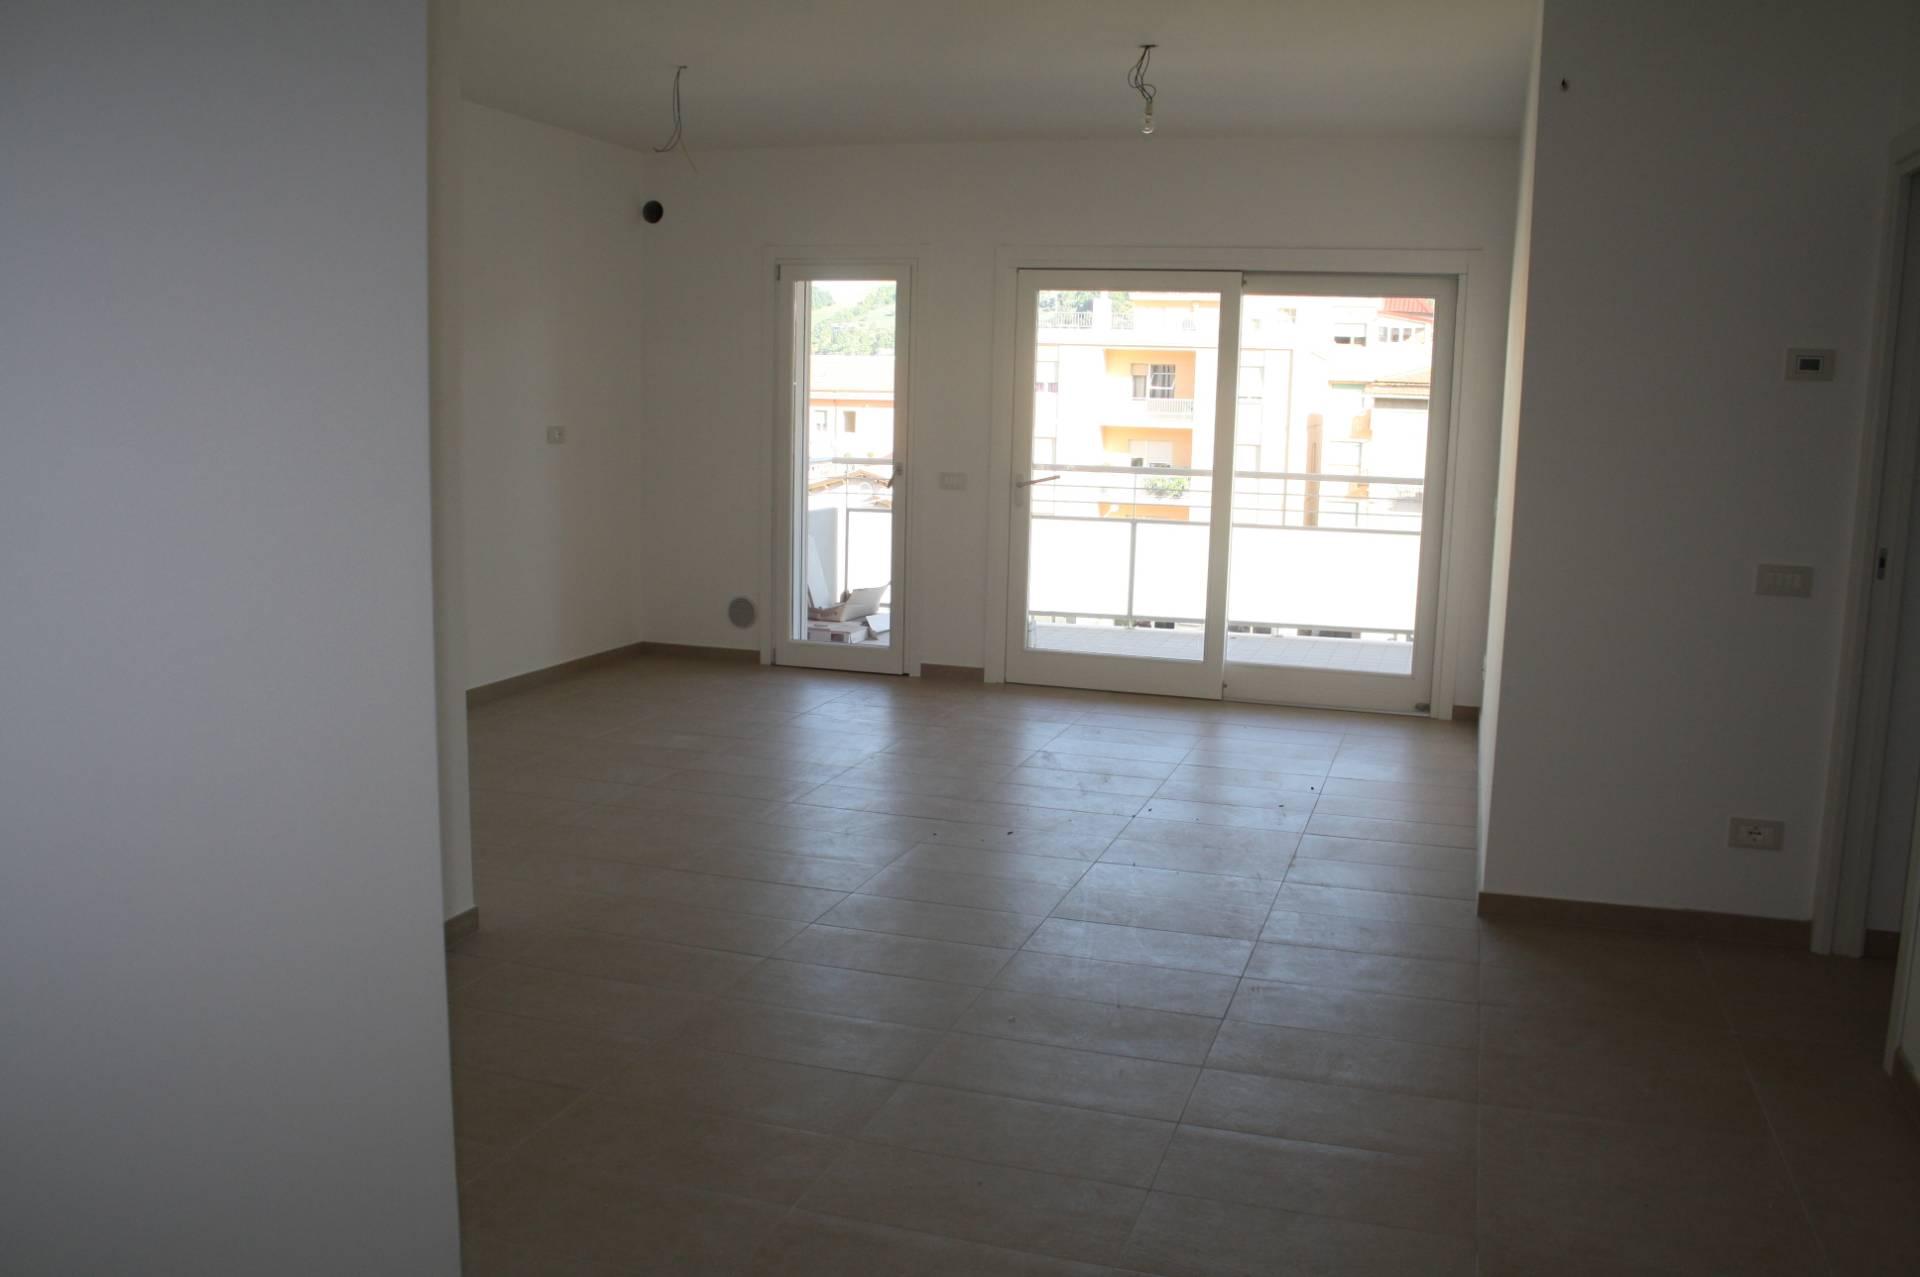 Appartamento in affitto a Teramo, 3 locali, zona Zona: Centro , prezzo € 550 | CambioCasa.it